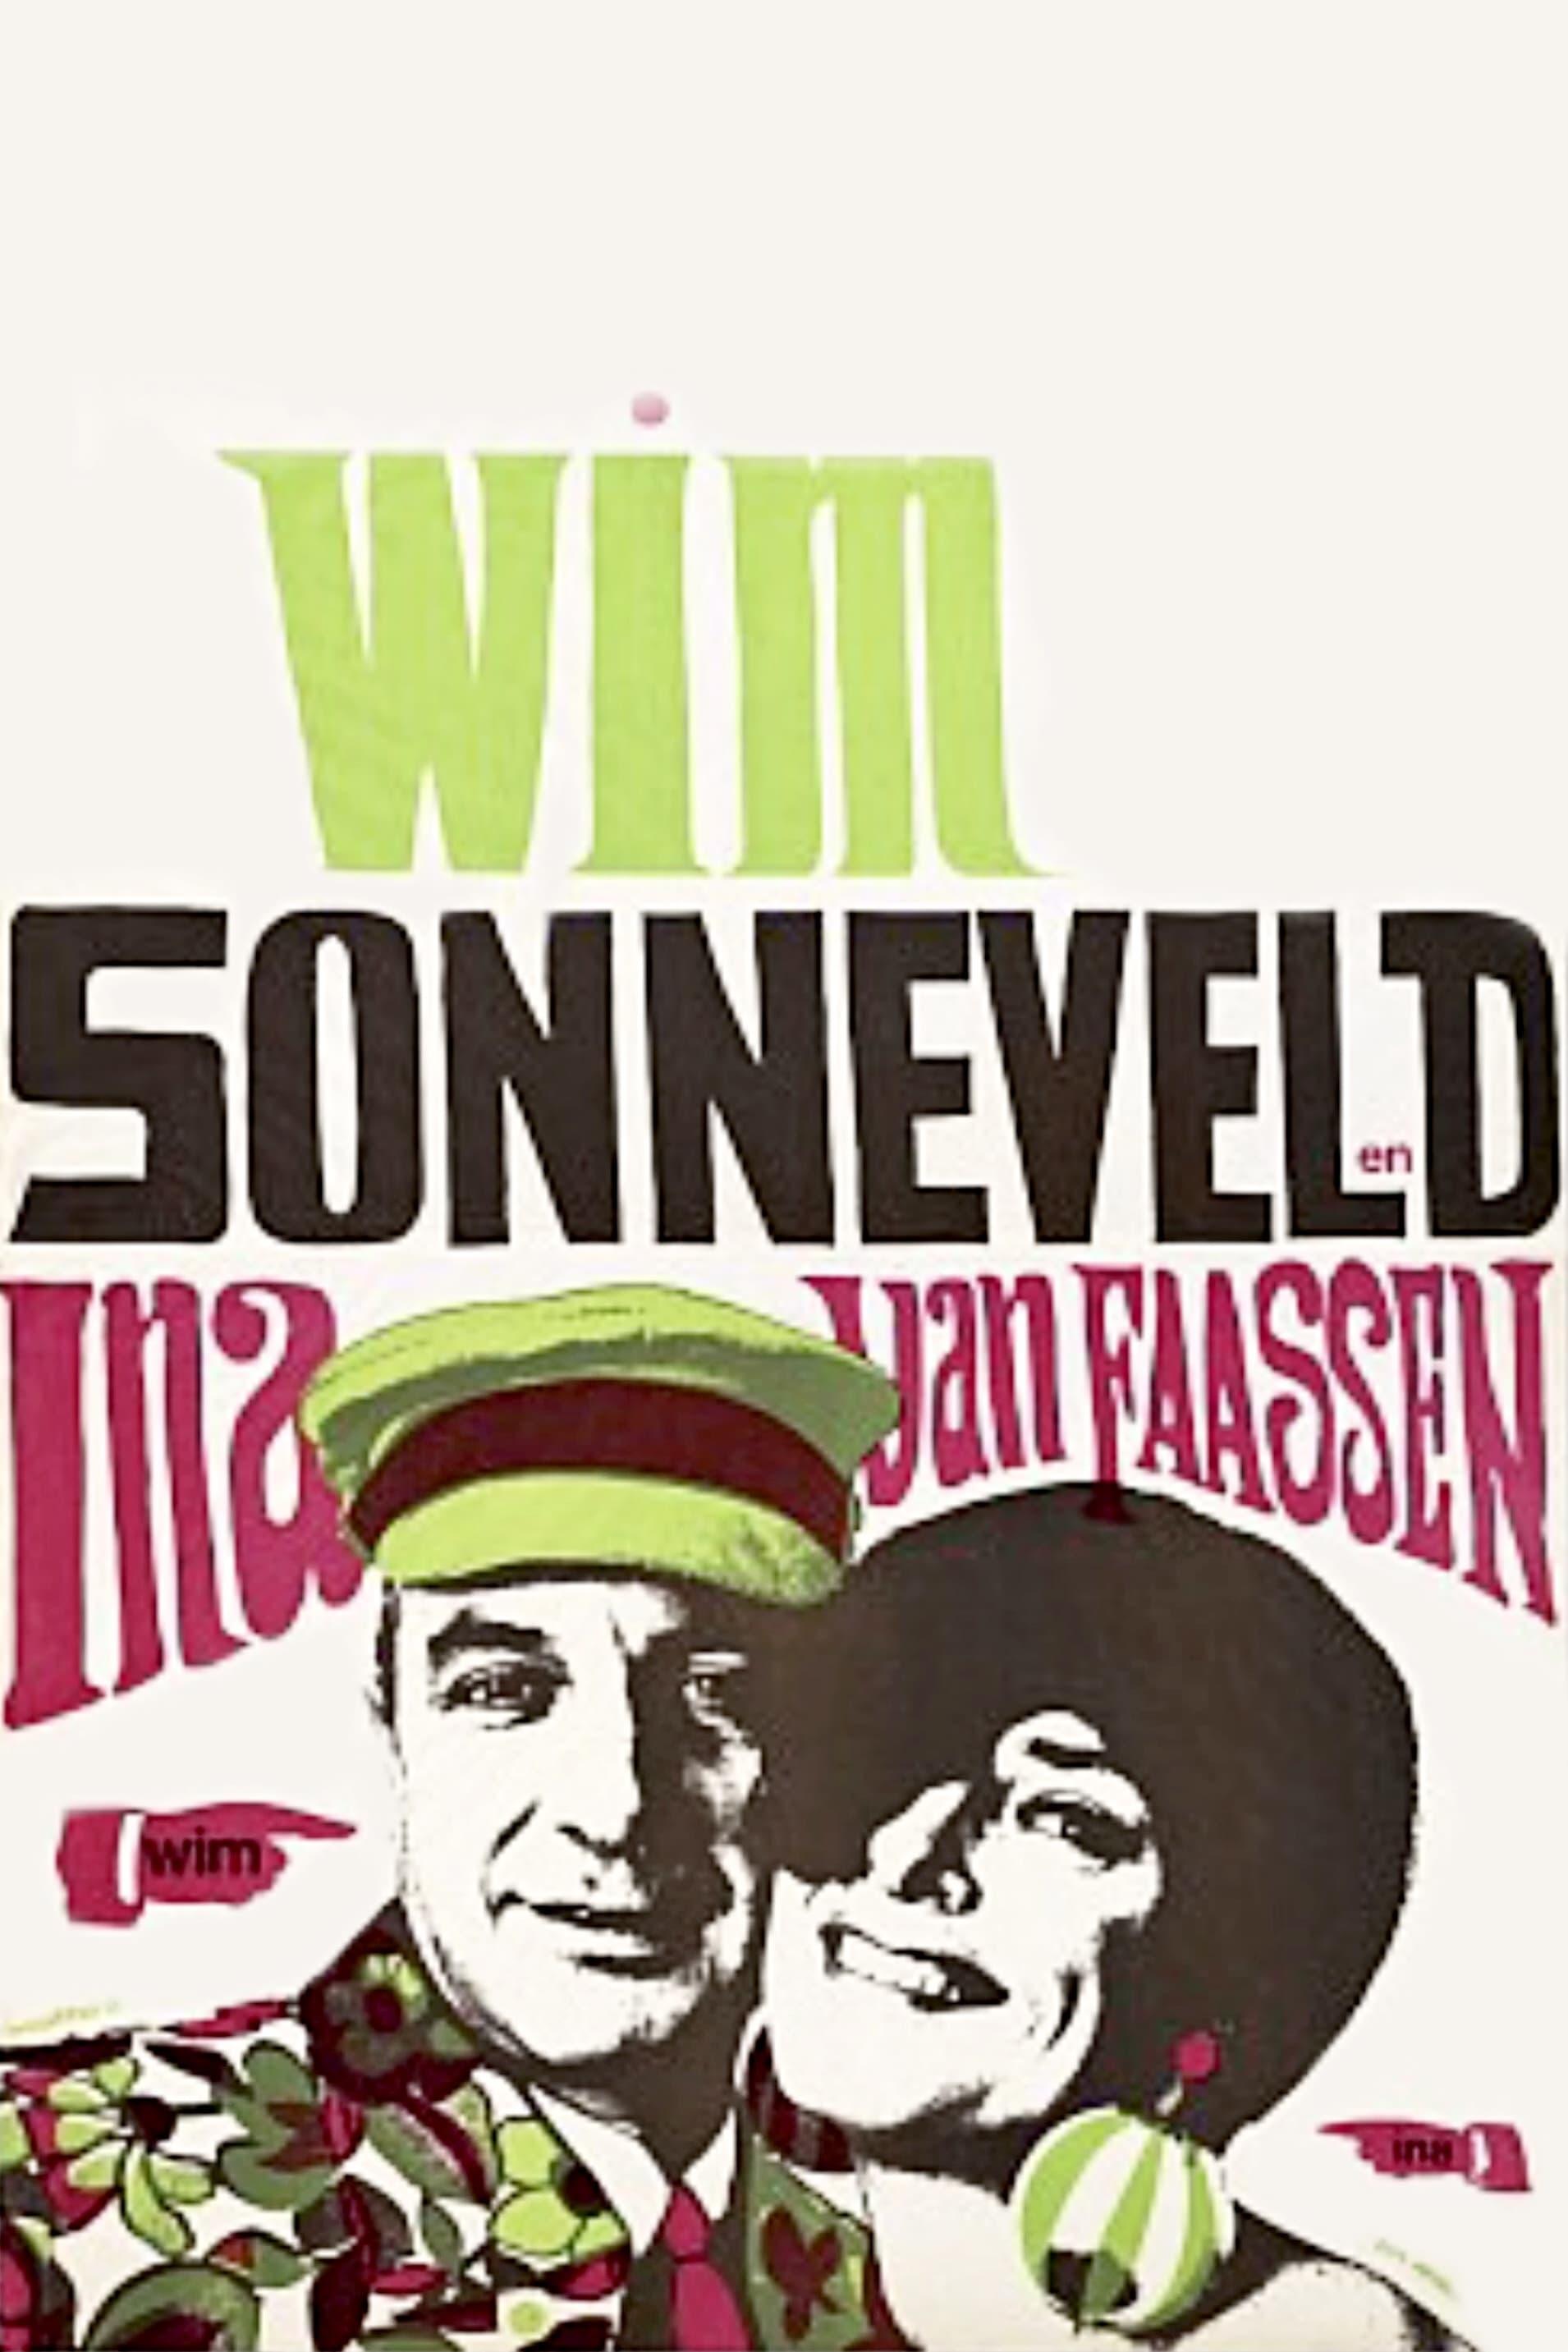 Wim Sonneveld en Ina van Faassen